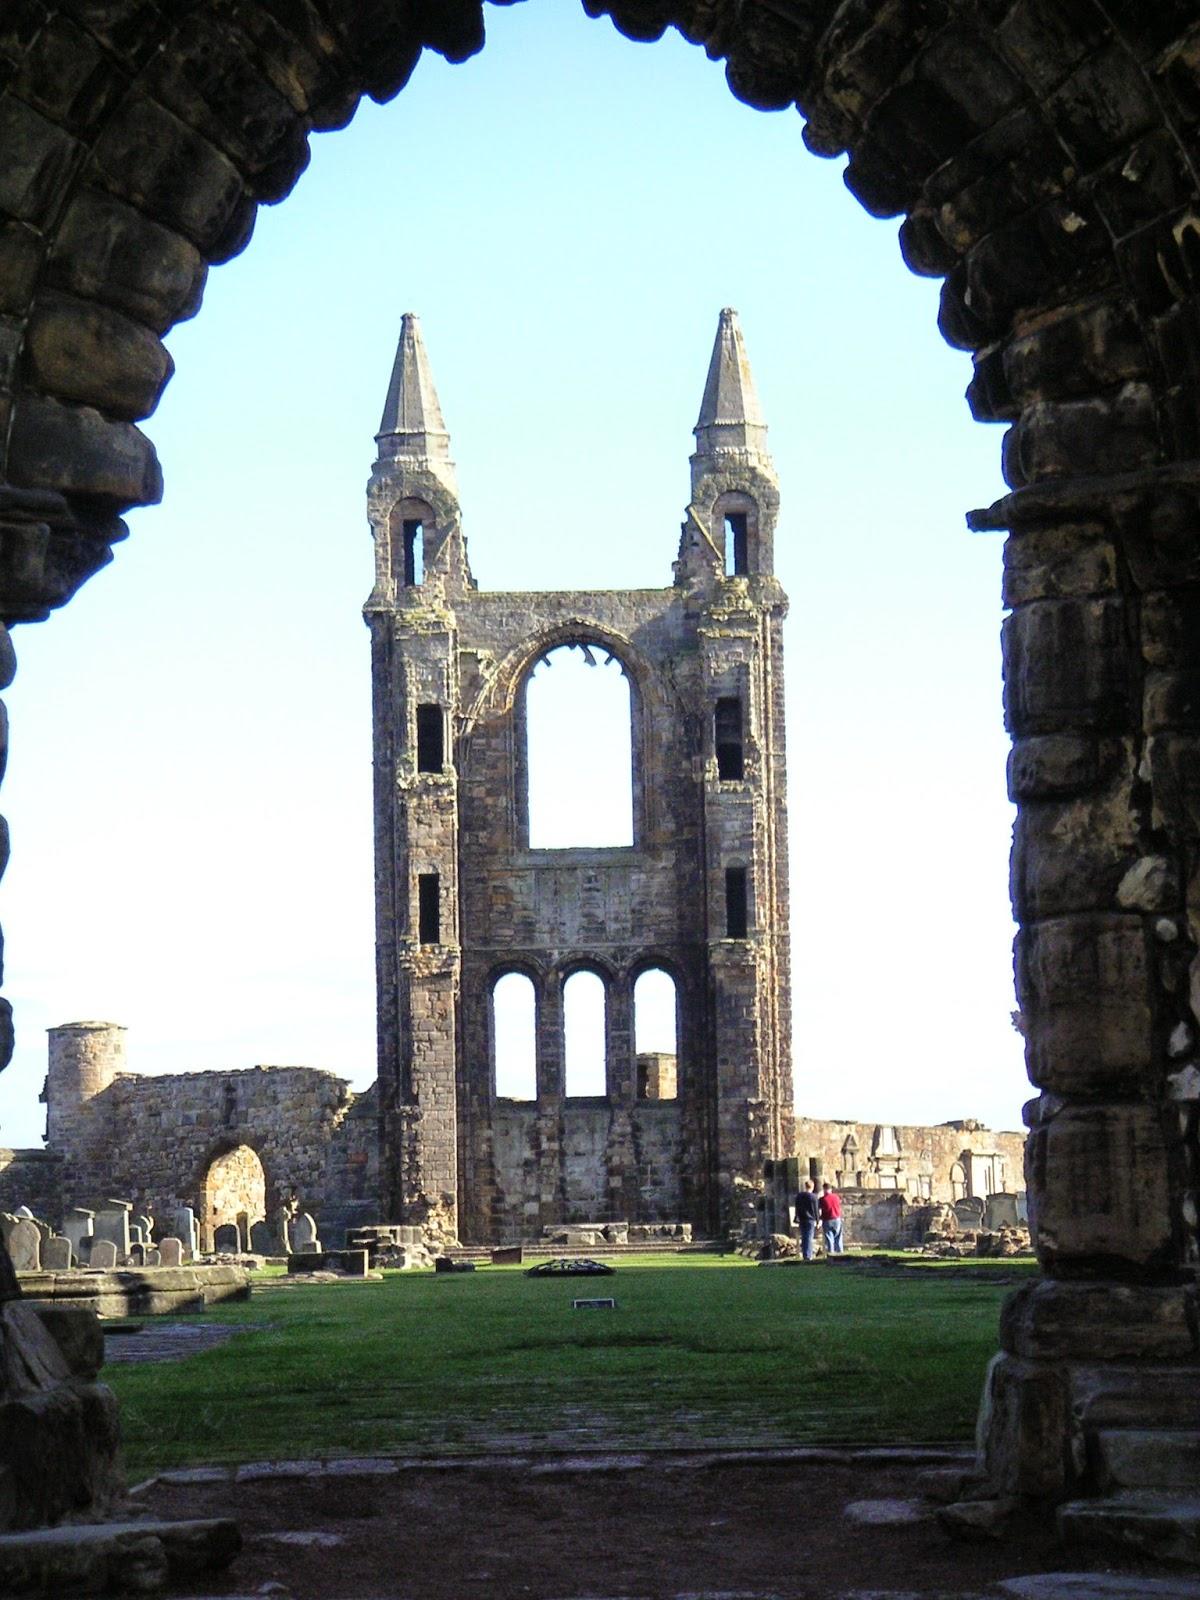 Blick durch einen Torbogen auf den Friedhof Sankt Andrews in Schottlanf